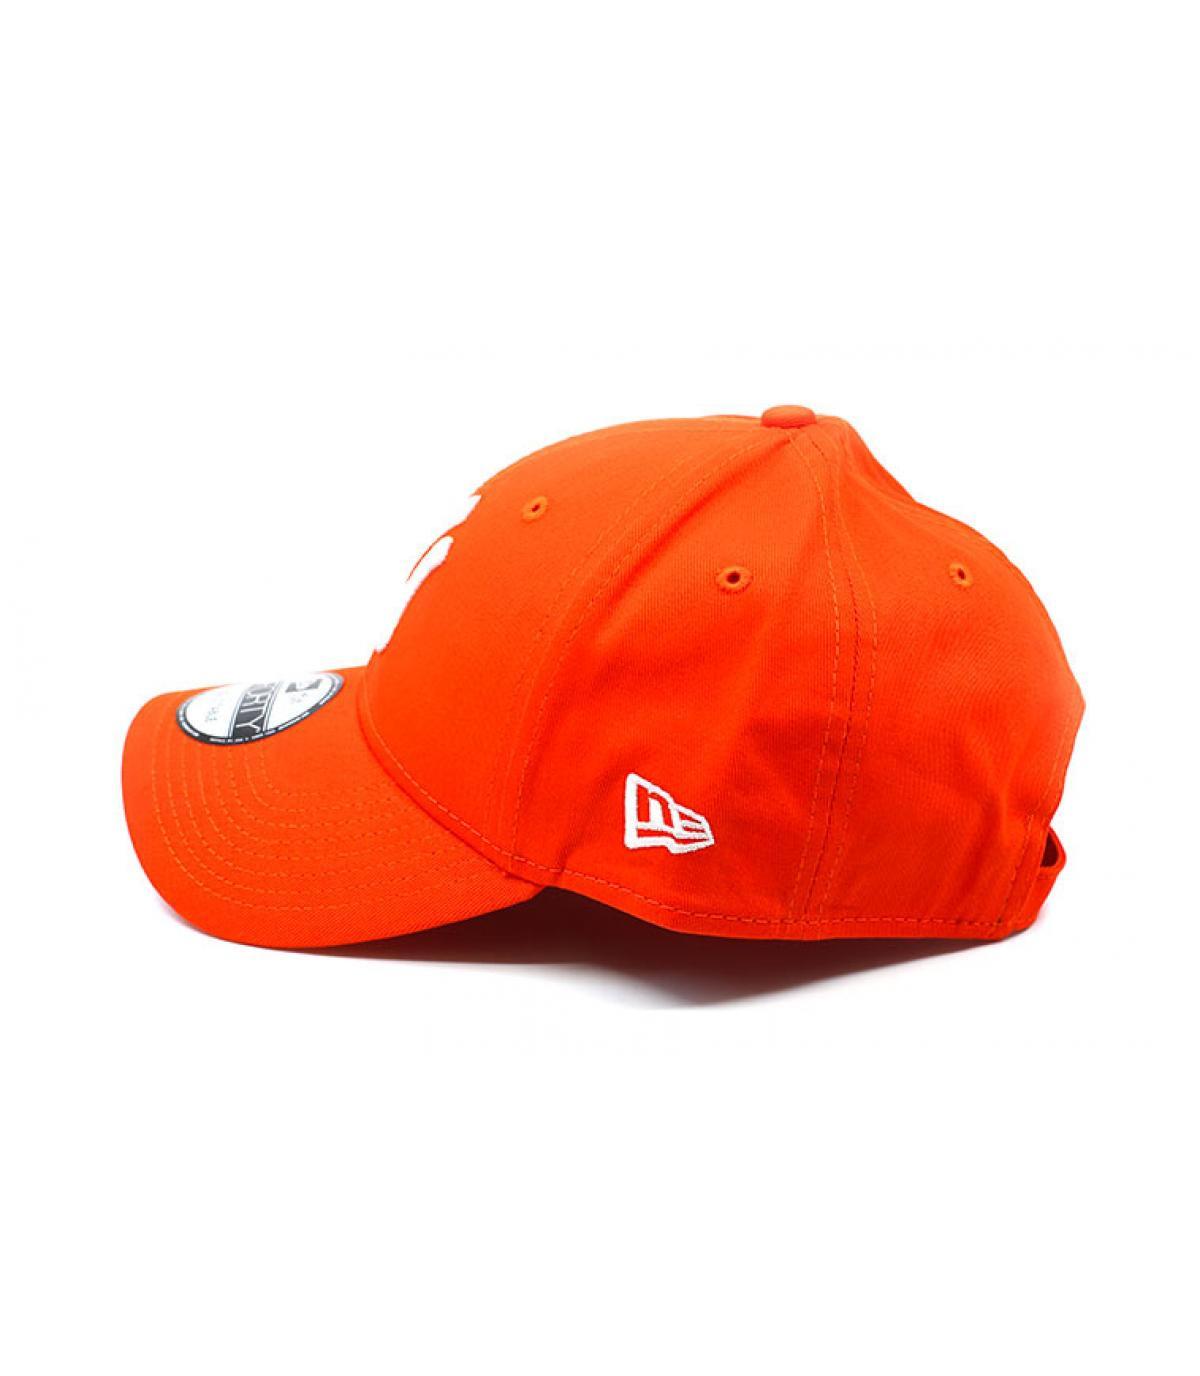 Détails Casquette League Ess 9Forty NY orange - image 4